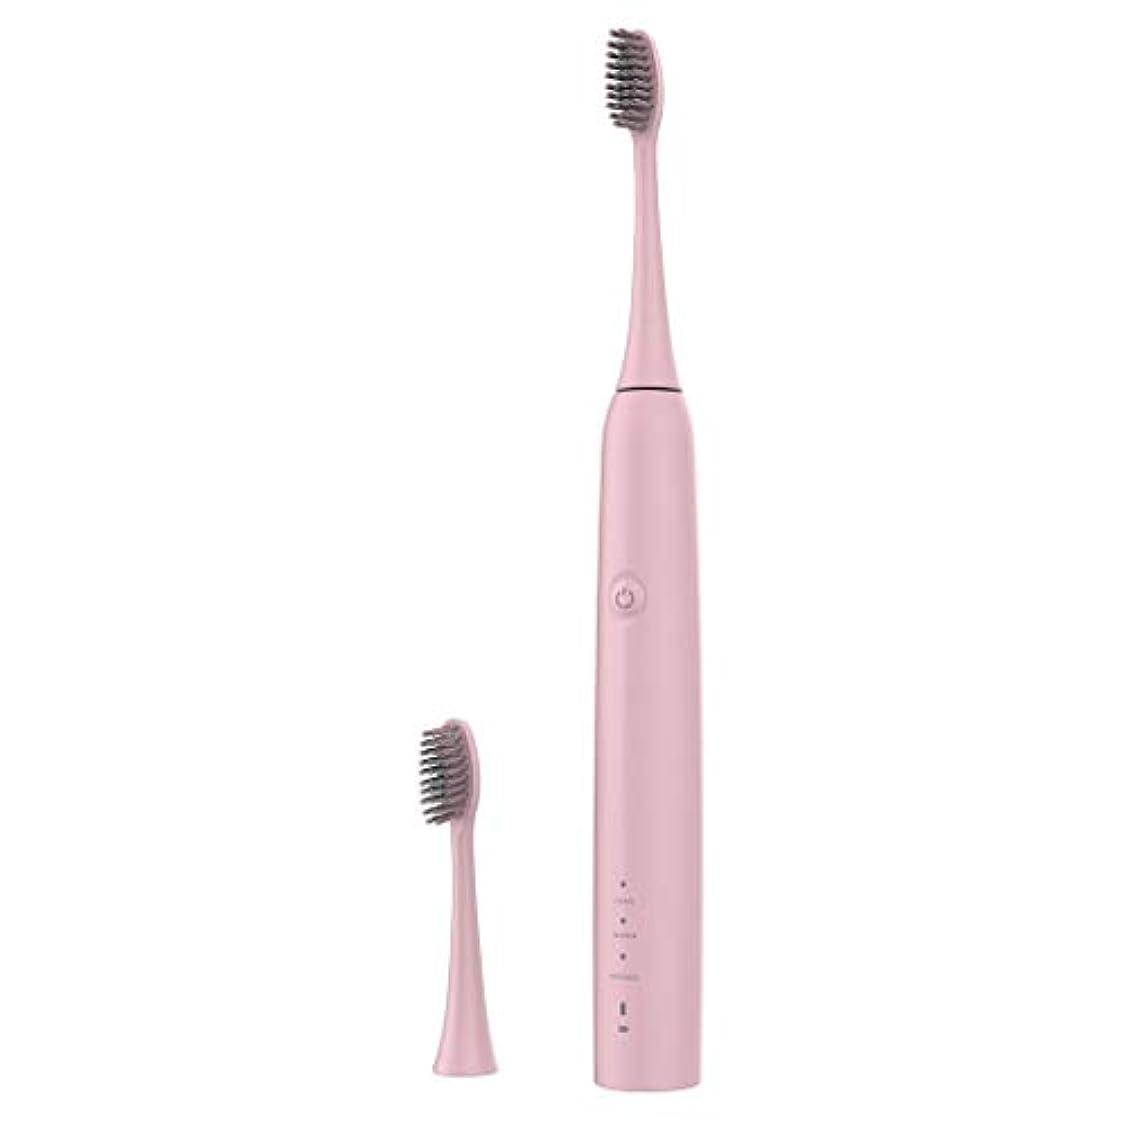 またね非常に怒っています共感するLazayyii 新しいT2P電動歯ブラシ 携帯用 口腔衛生 電気マッサージ 口腔ケア (ピンク)